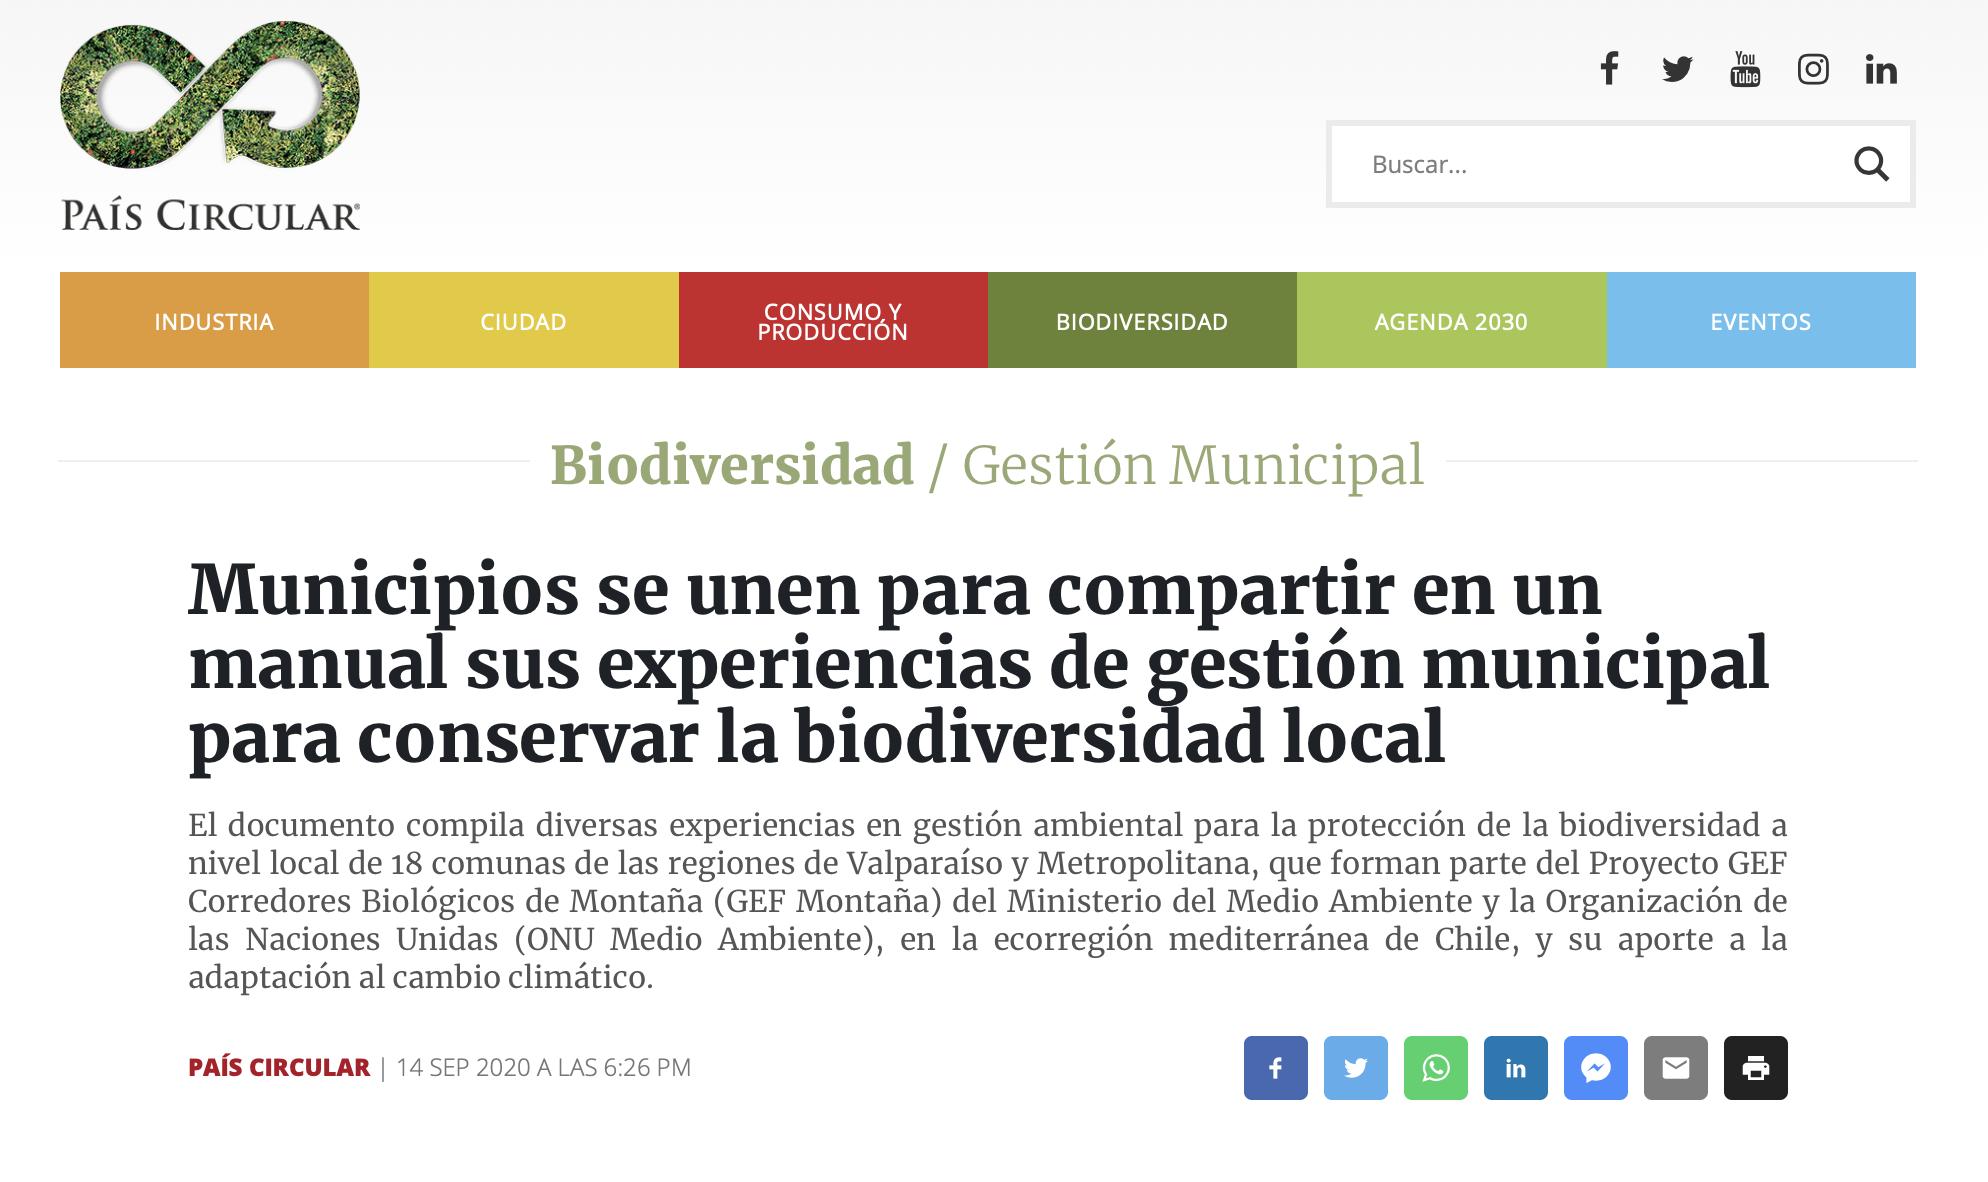 Municipios se unen para compartir en un manual sus experiencias de gestión municipal para conservar la biodiversidad local